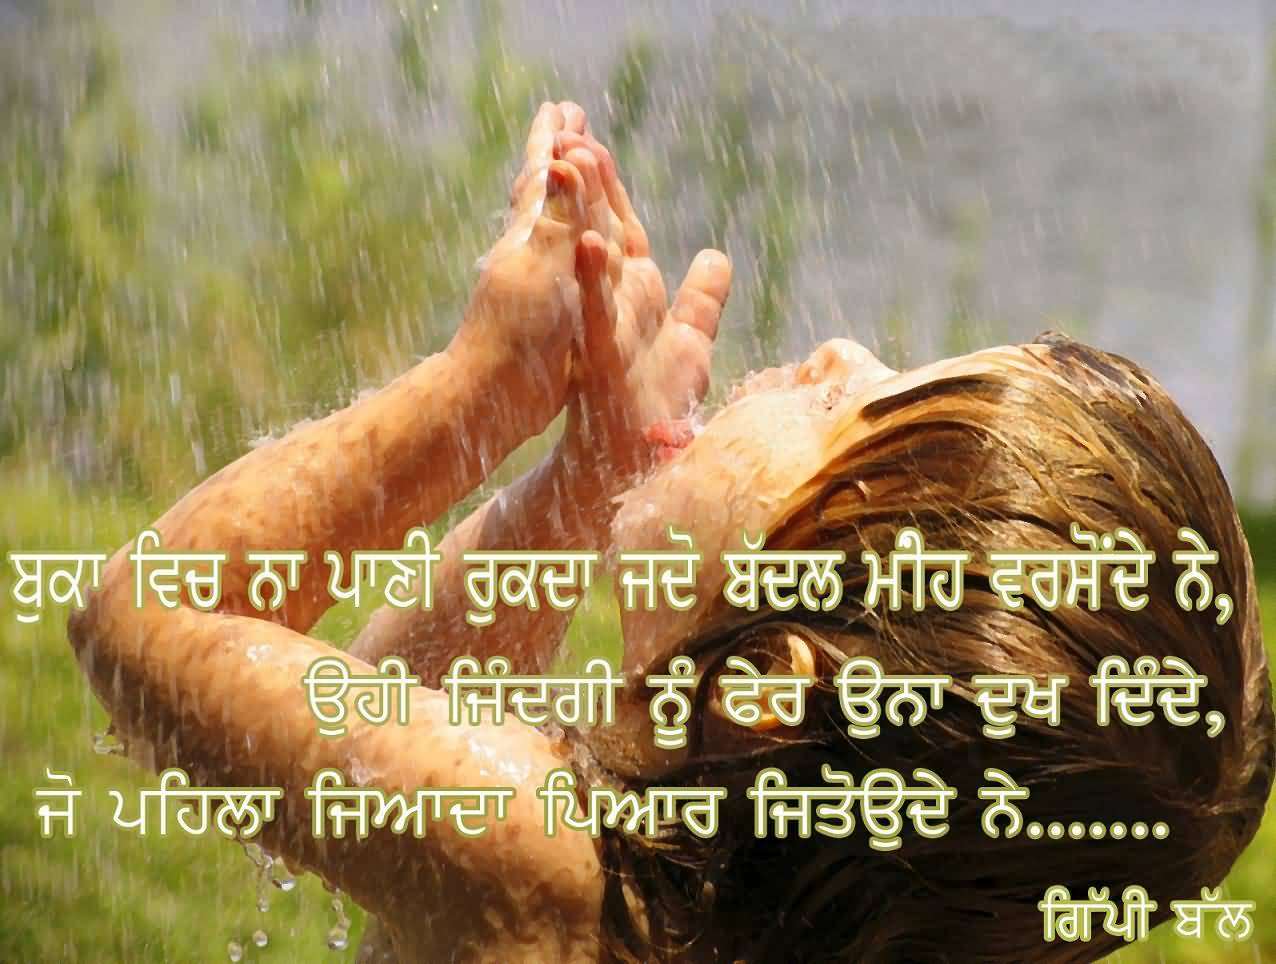 punjabi love quotes 1276x964